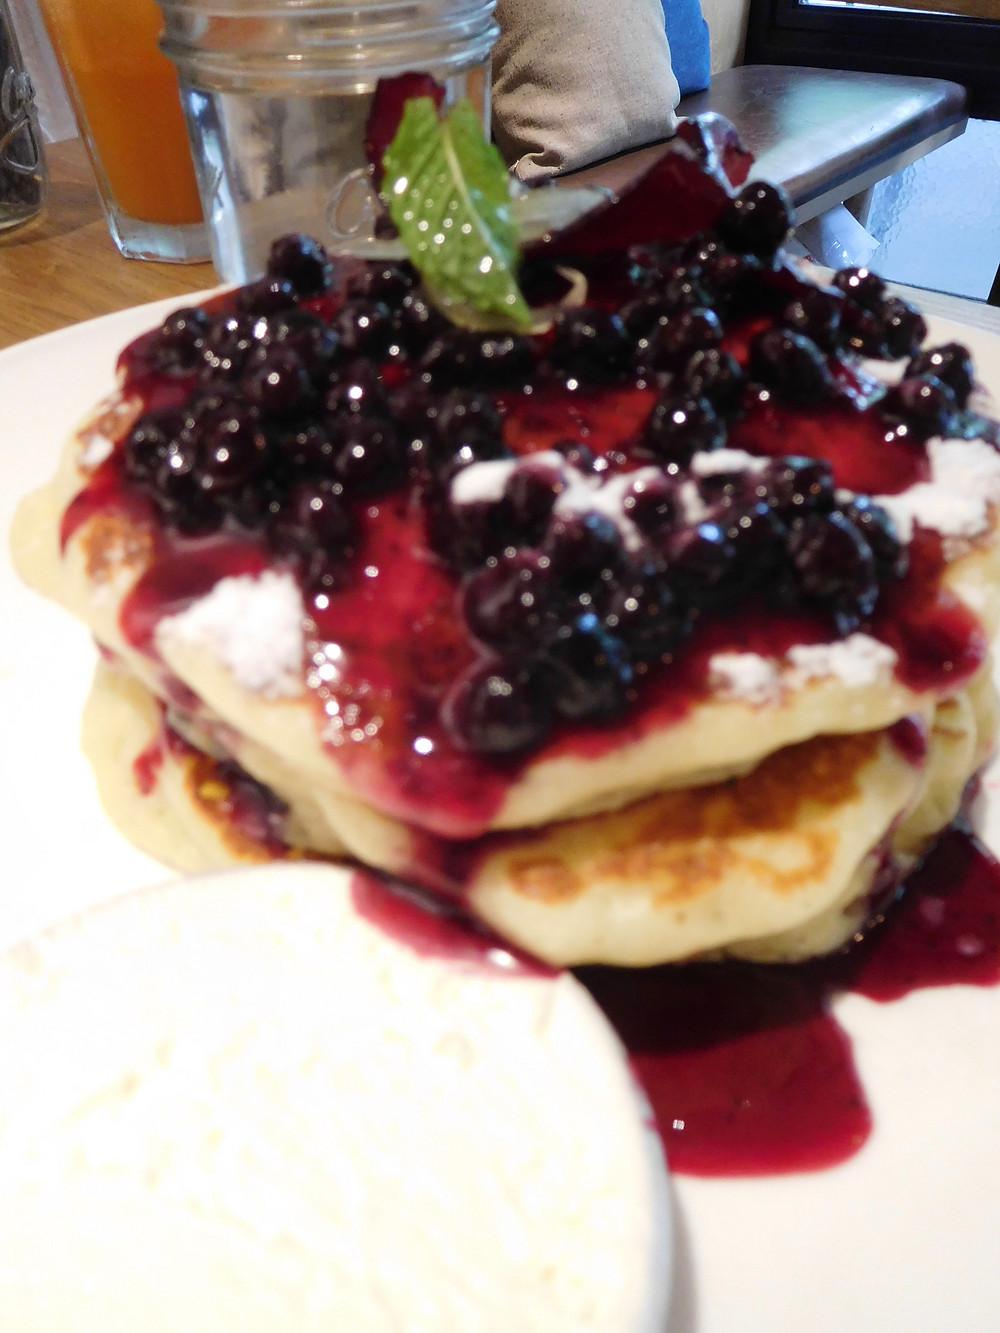 Blueberry Lemon-Ricotta Pancakes at Al's Diner, Shanghai